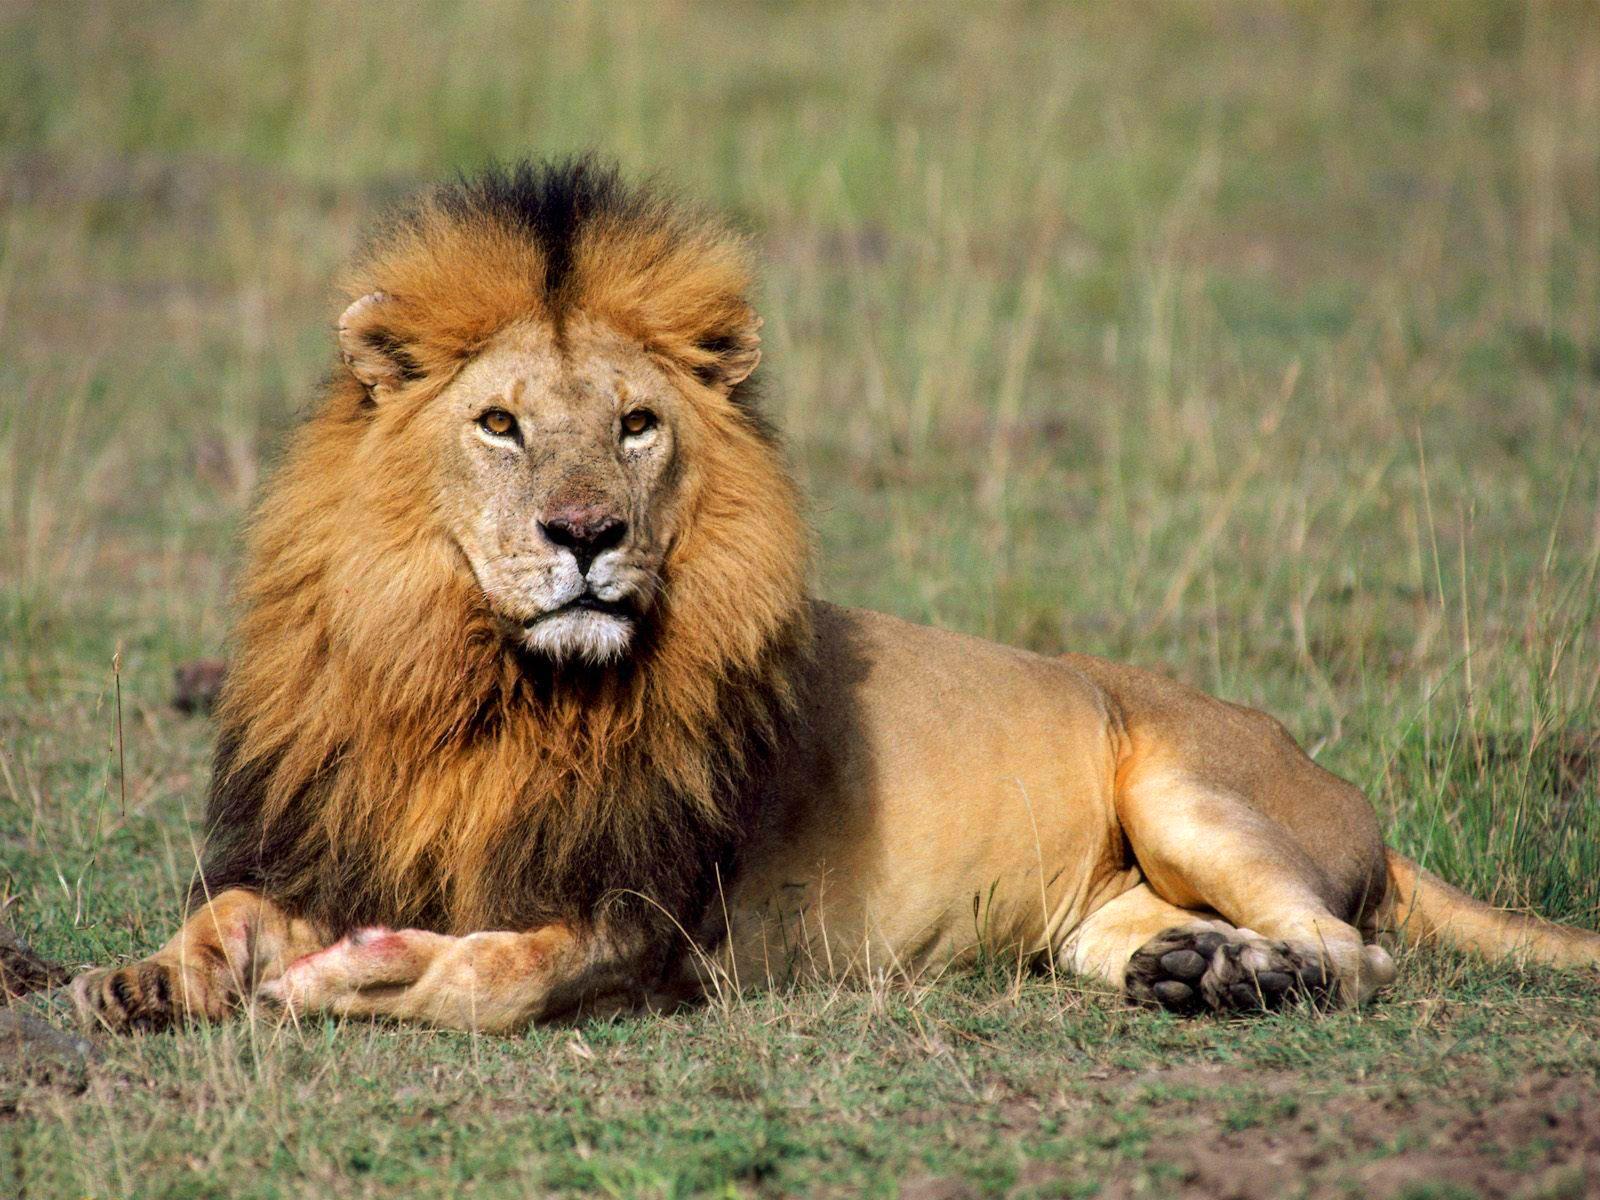 lion photo hd